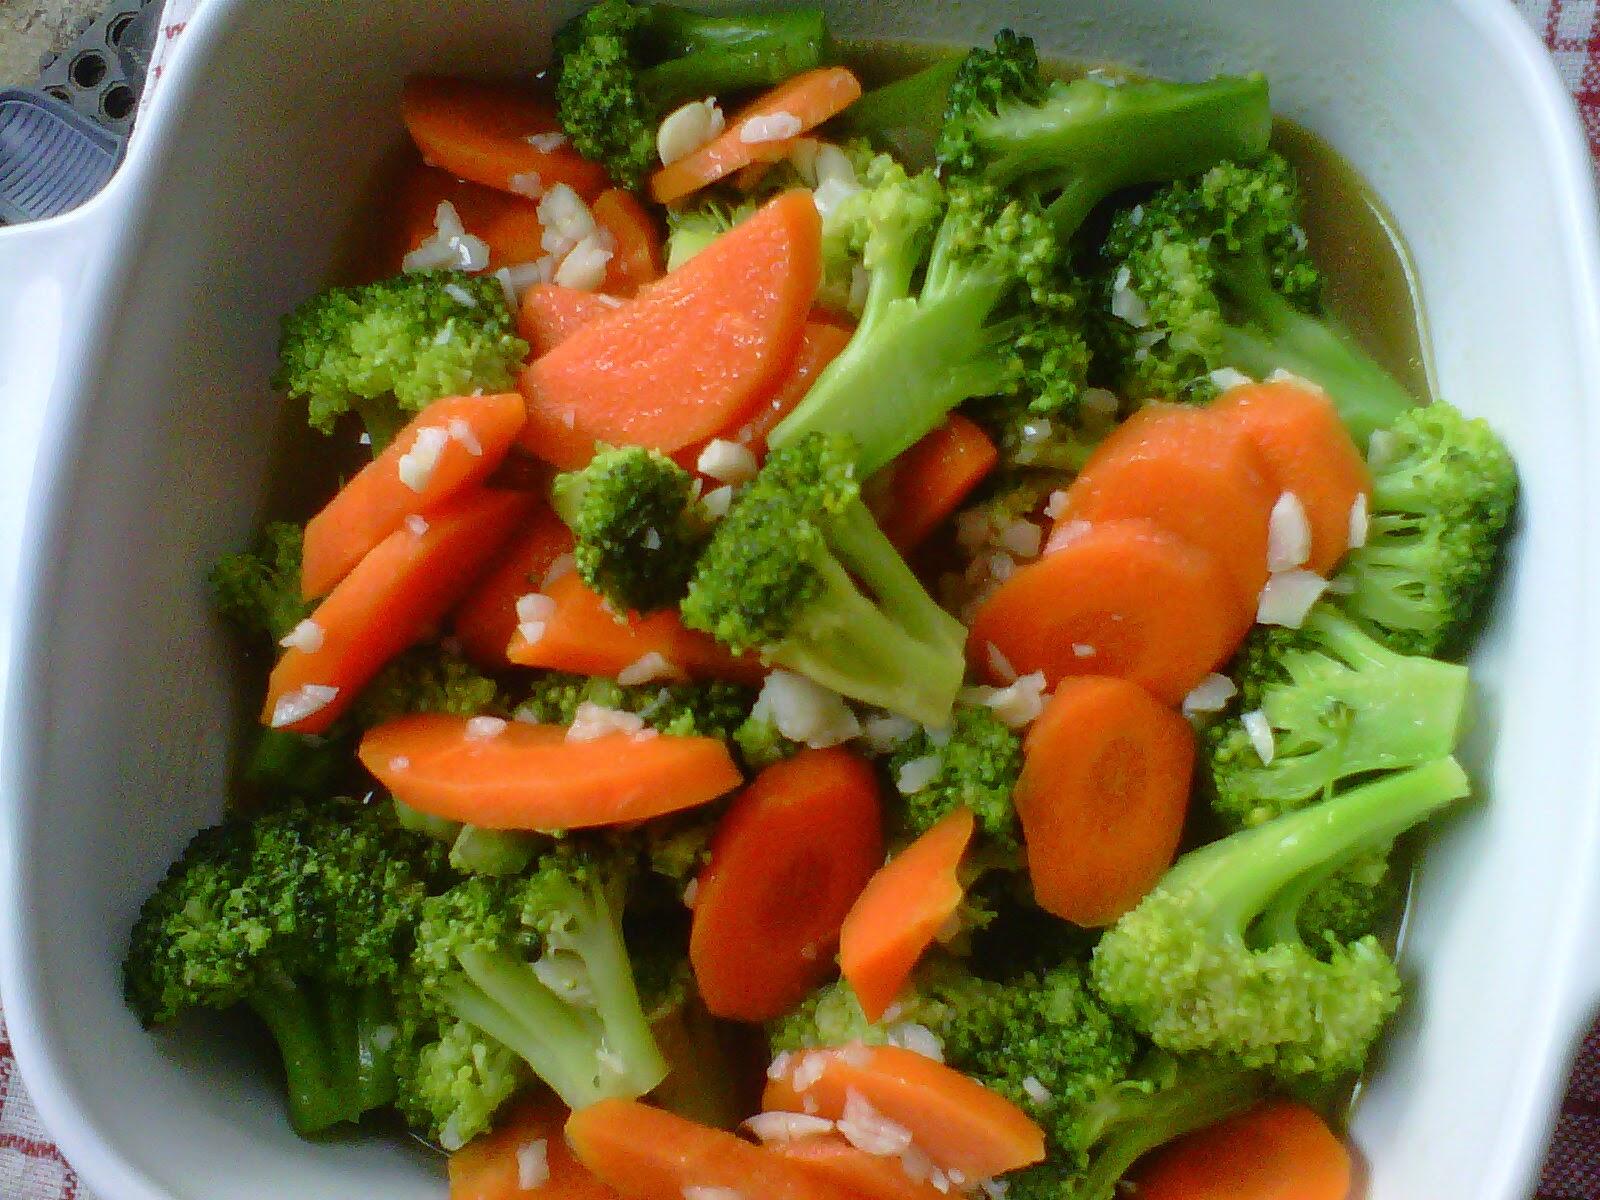 Resep Salad Ayam Untuk Diet